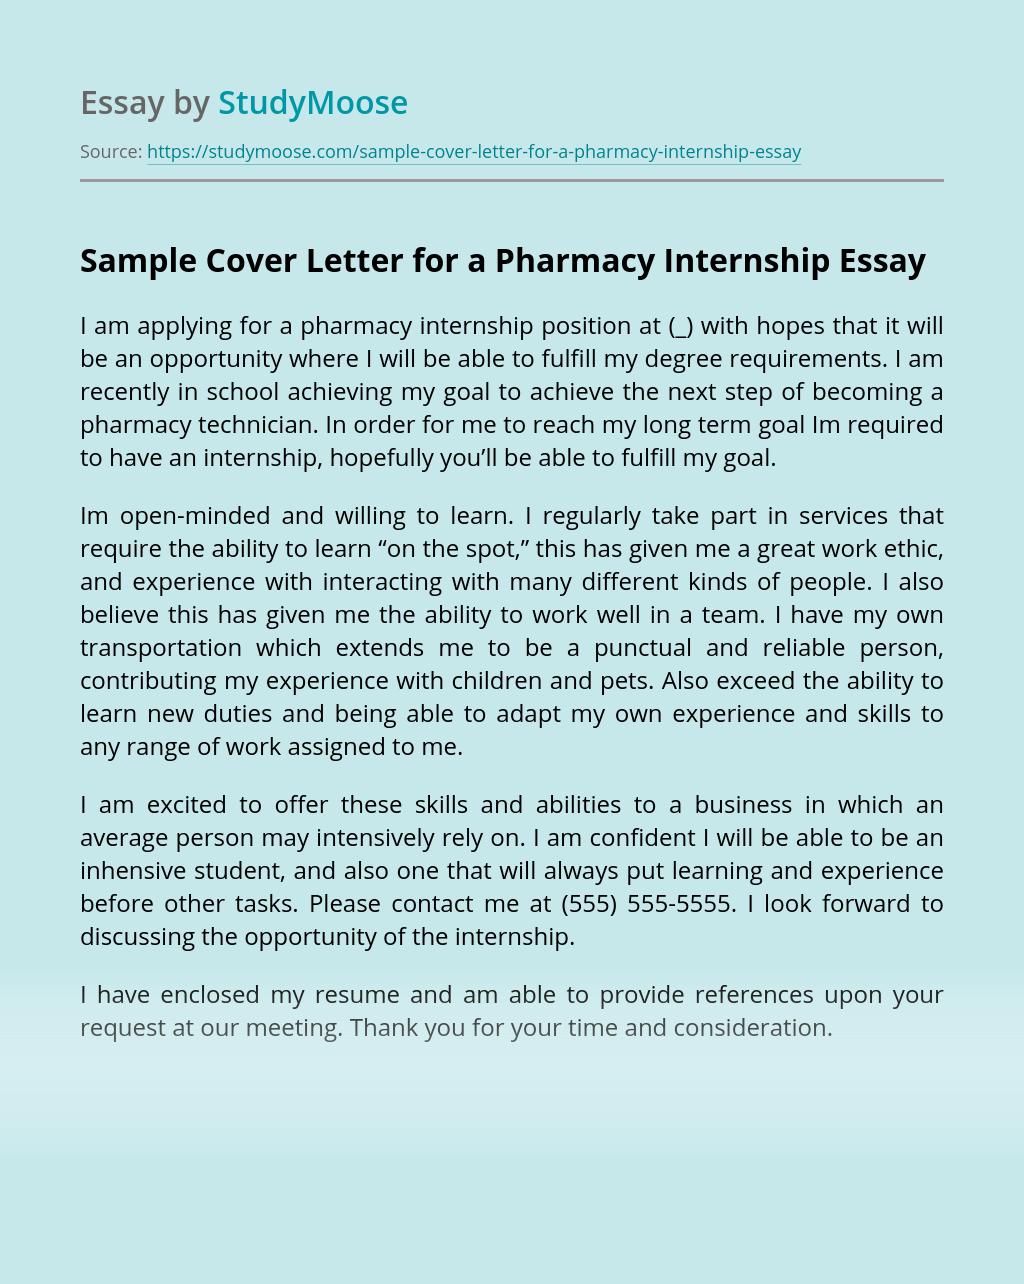 Sample Cover Letter for a Pharmacy Internship